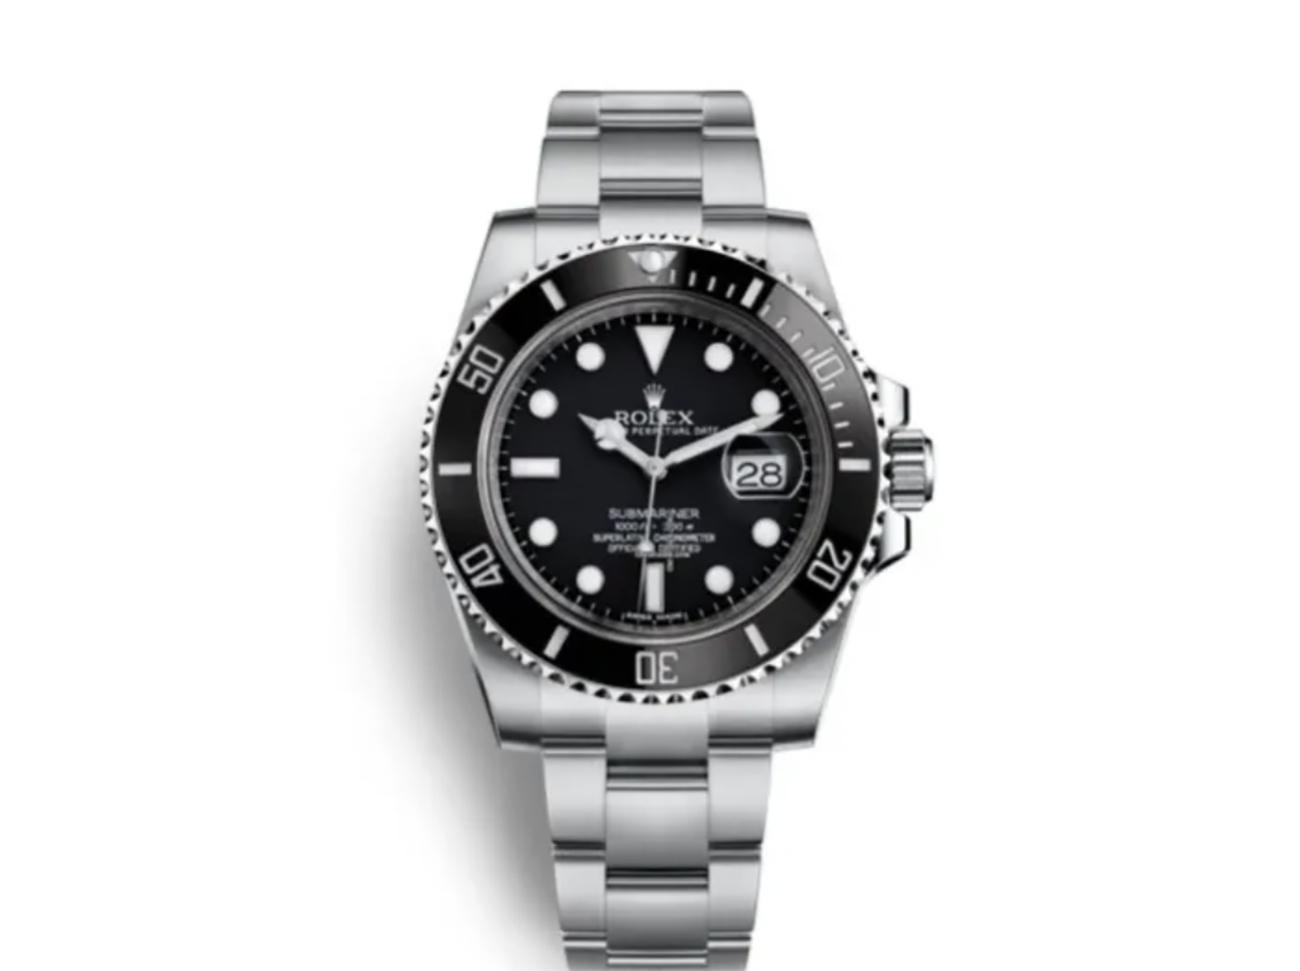 5 πανέμορφα ρολόγια που μπορείς να φορέσεις σε κάθε περίσταση